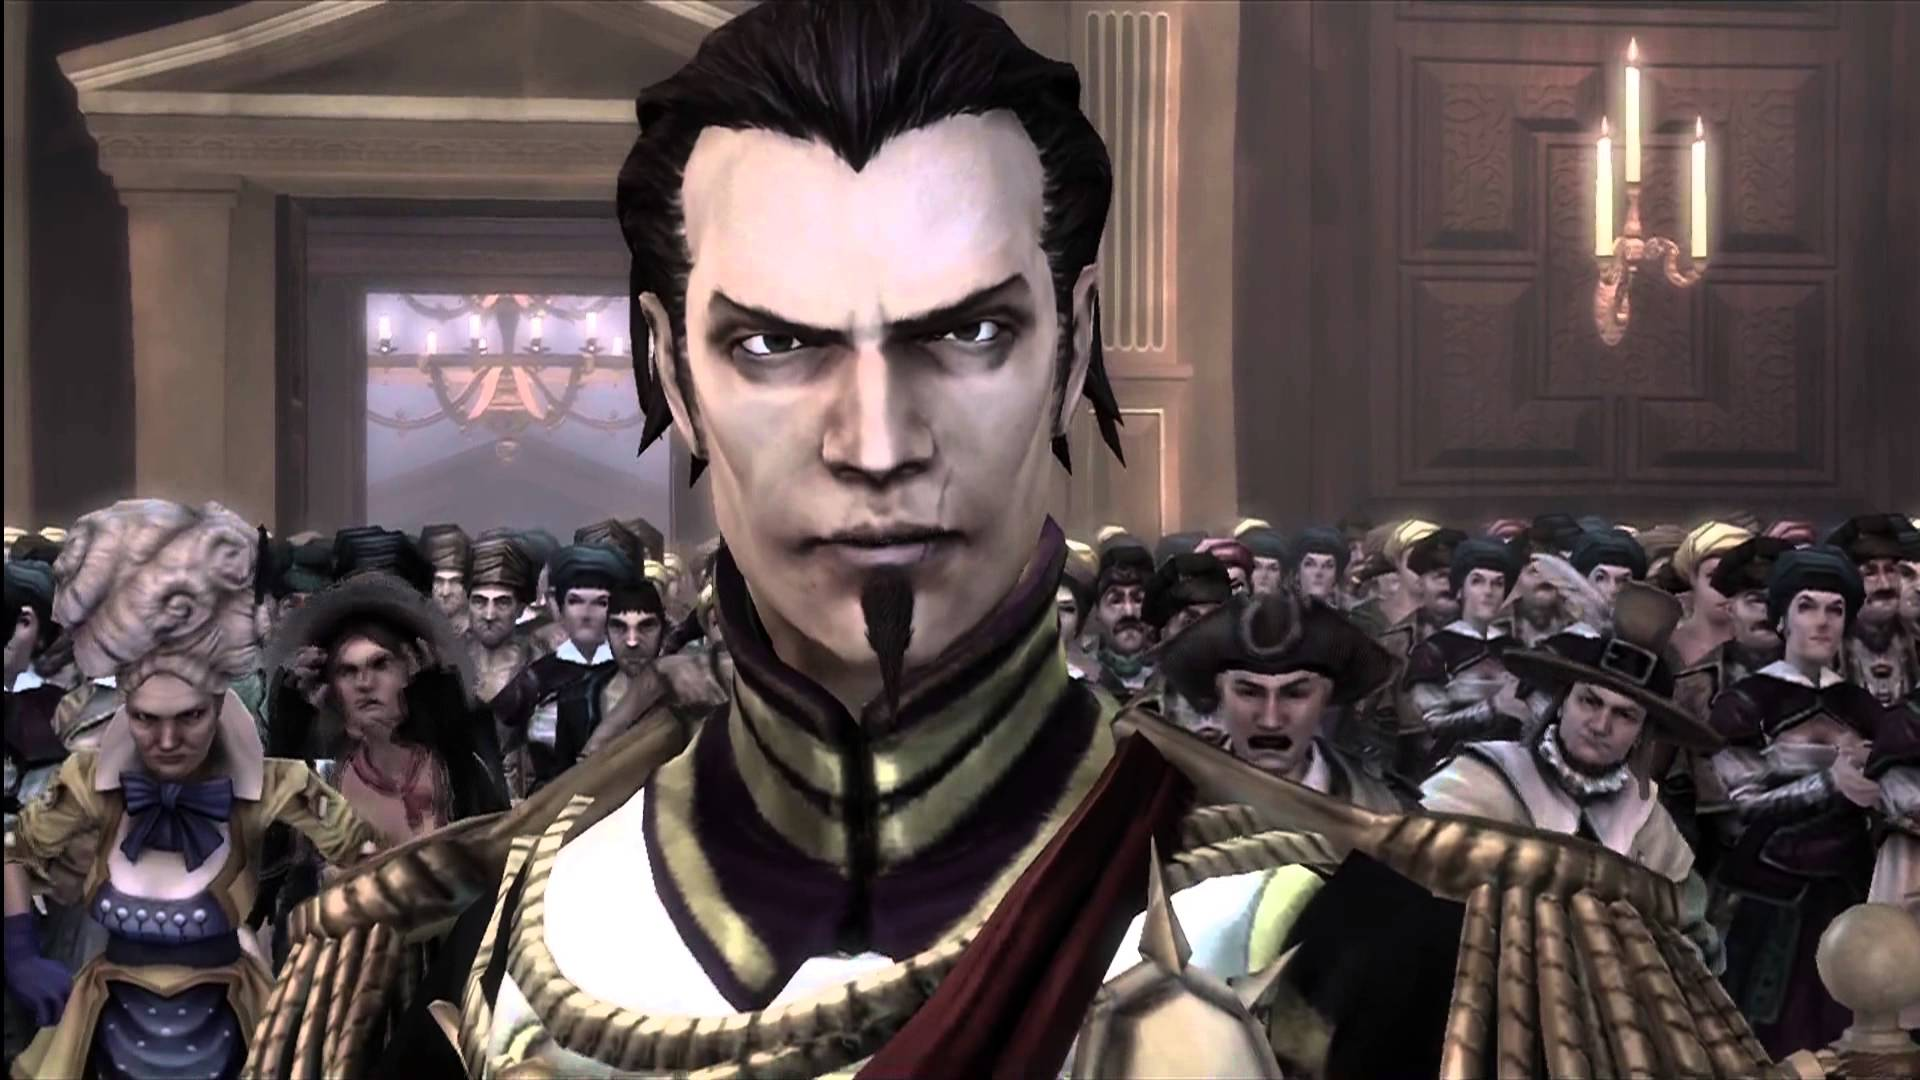 Esto es lo que esperamos de un futuro Fable para Xbox One - Estos son nuestros deseos para un nuevo Fable. Tras los rumores recientes sobre la llegada de una nueva entrega nuestro compañero Jose Angel se ha puesto manos a la obra para contaros detalles que se perdieron por el camino.